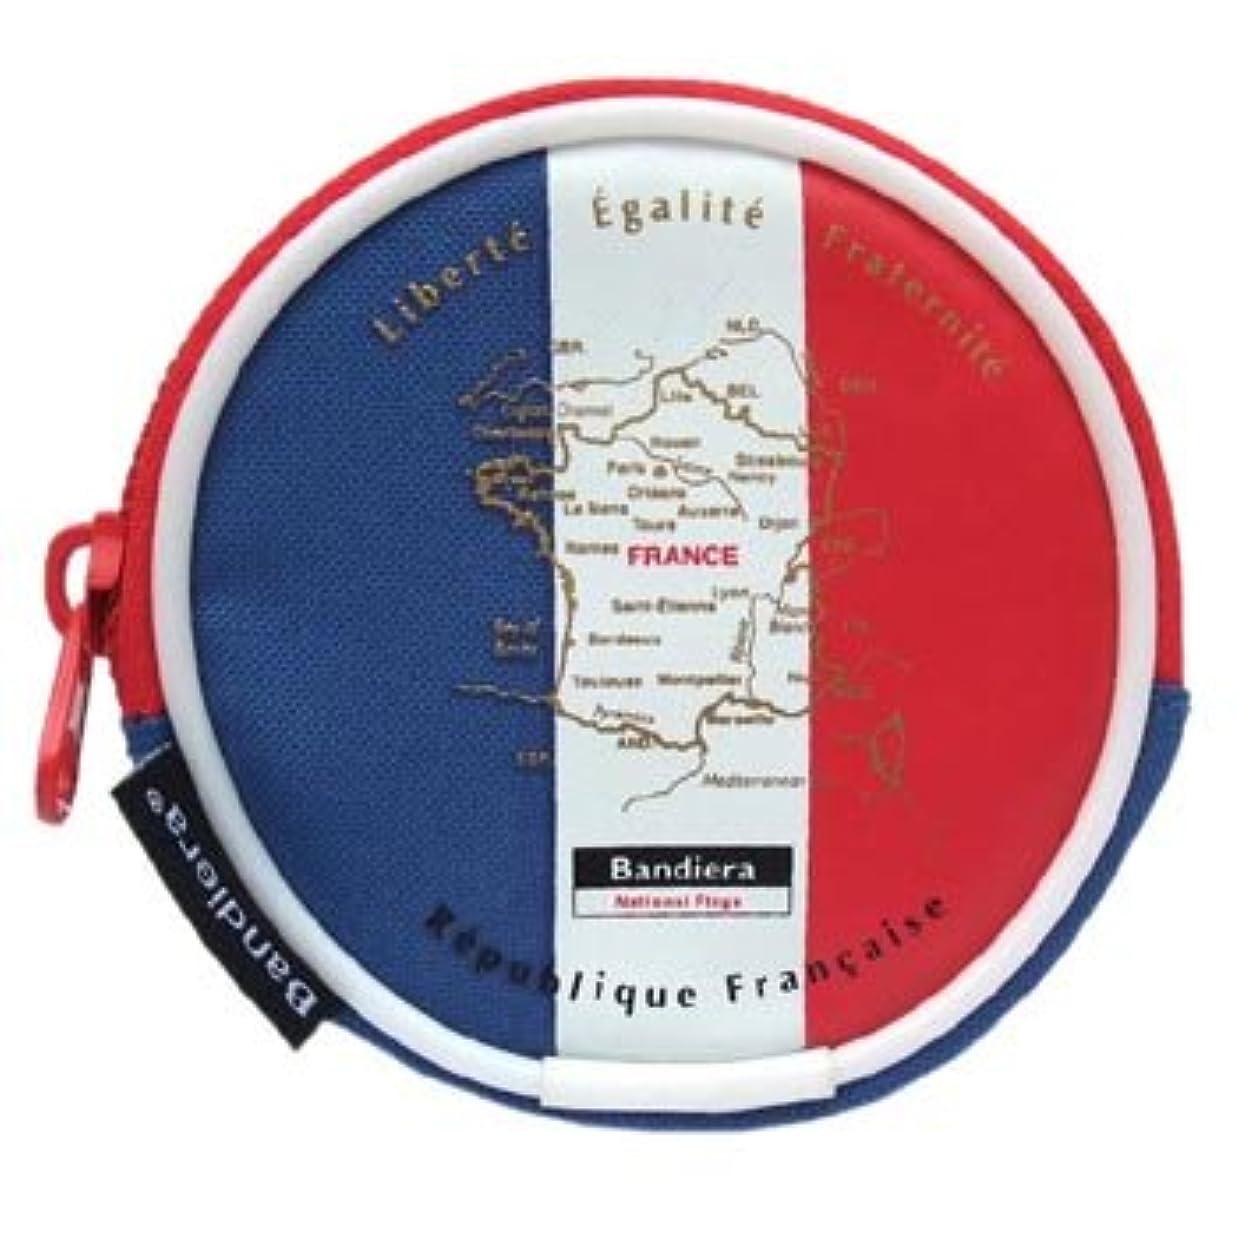 理想的なだめるパンチ国旗柄 カラビナ付きコインケース フランス トリコロール(小銭入れ)